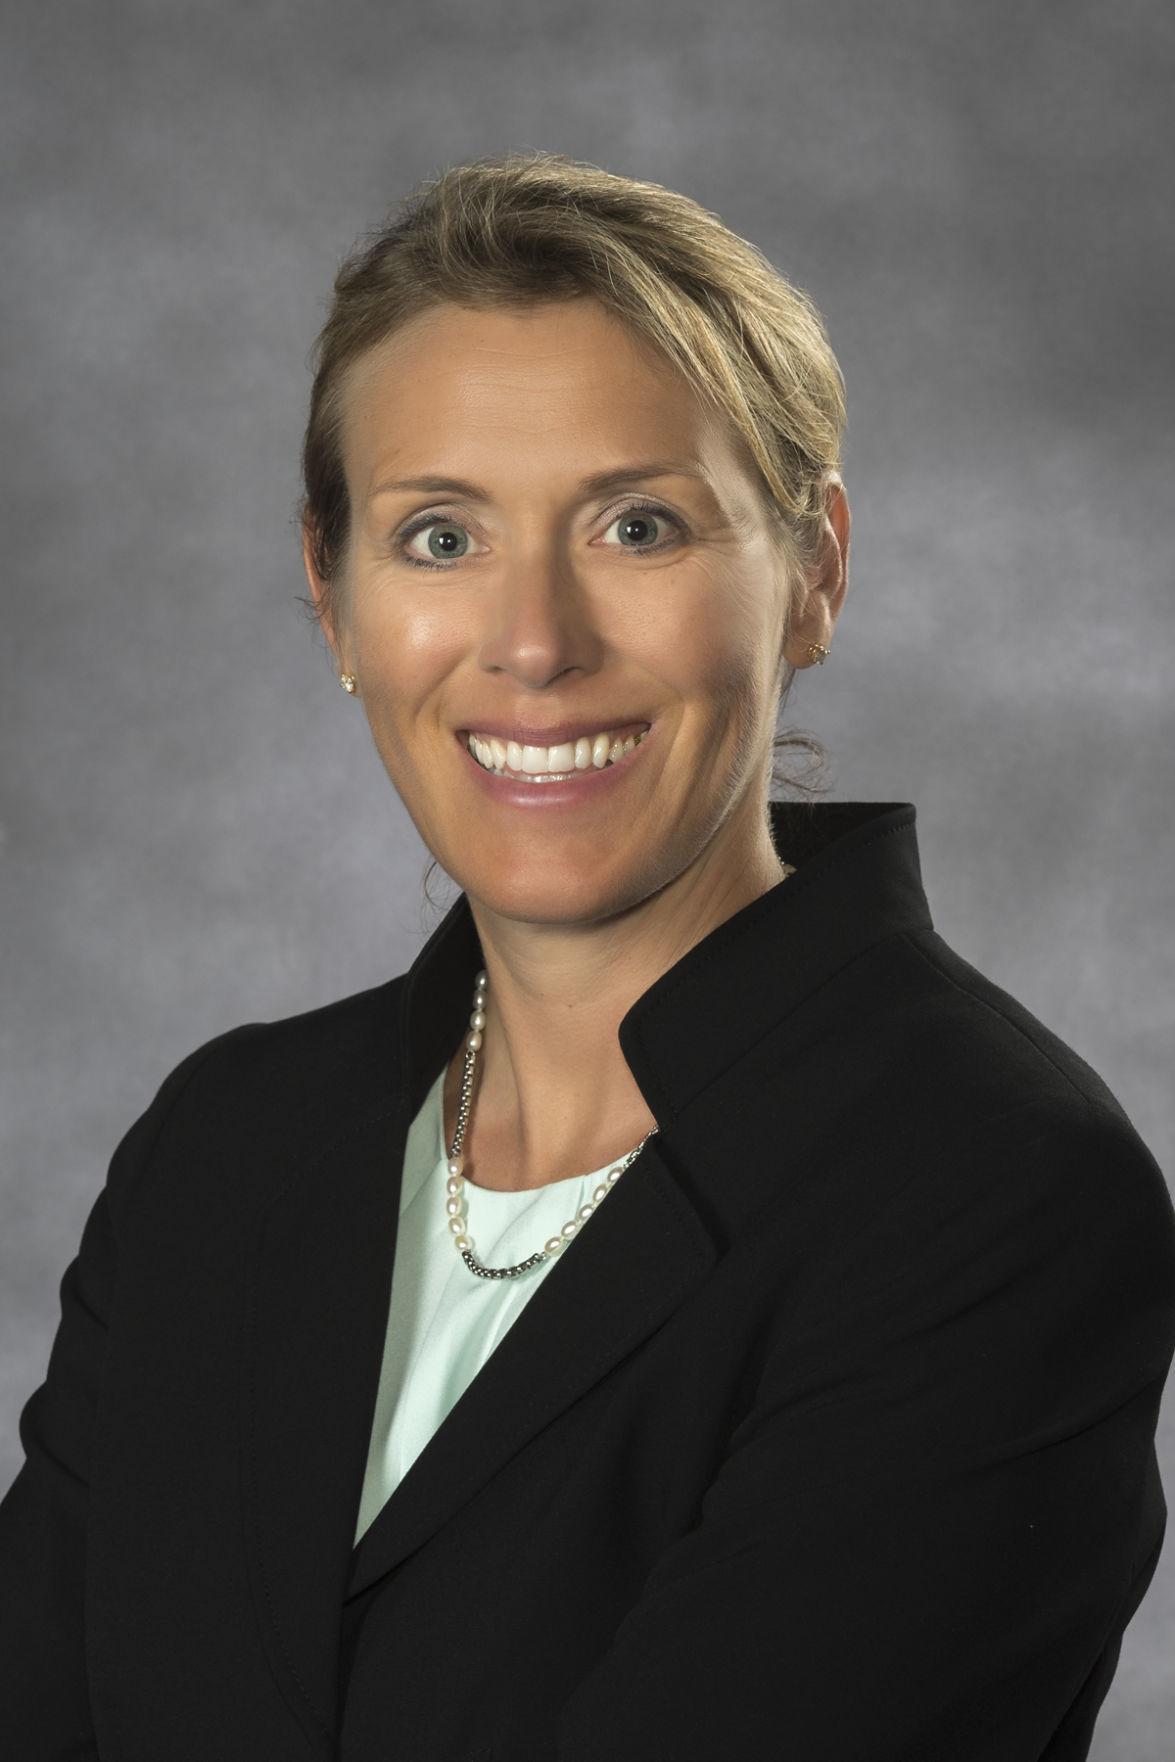 Melinda Hancock